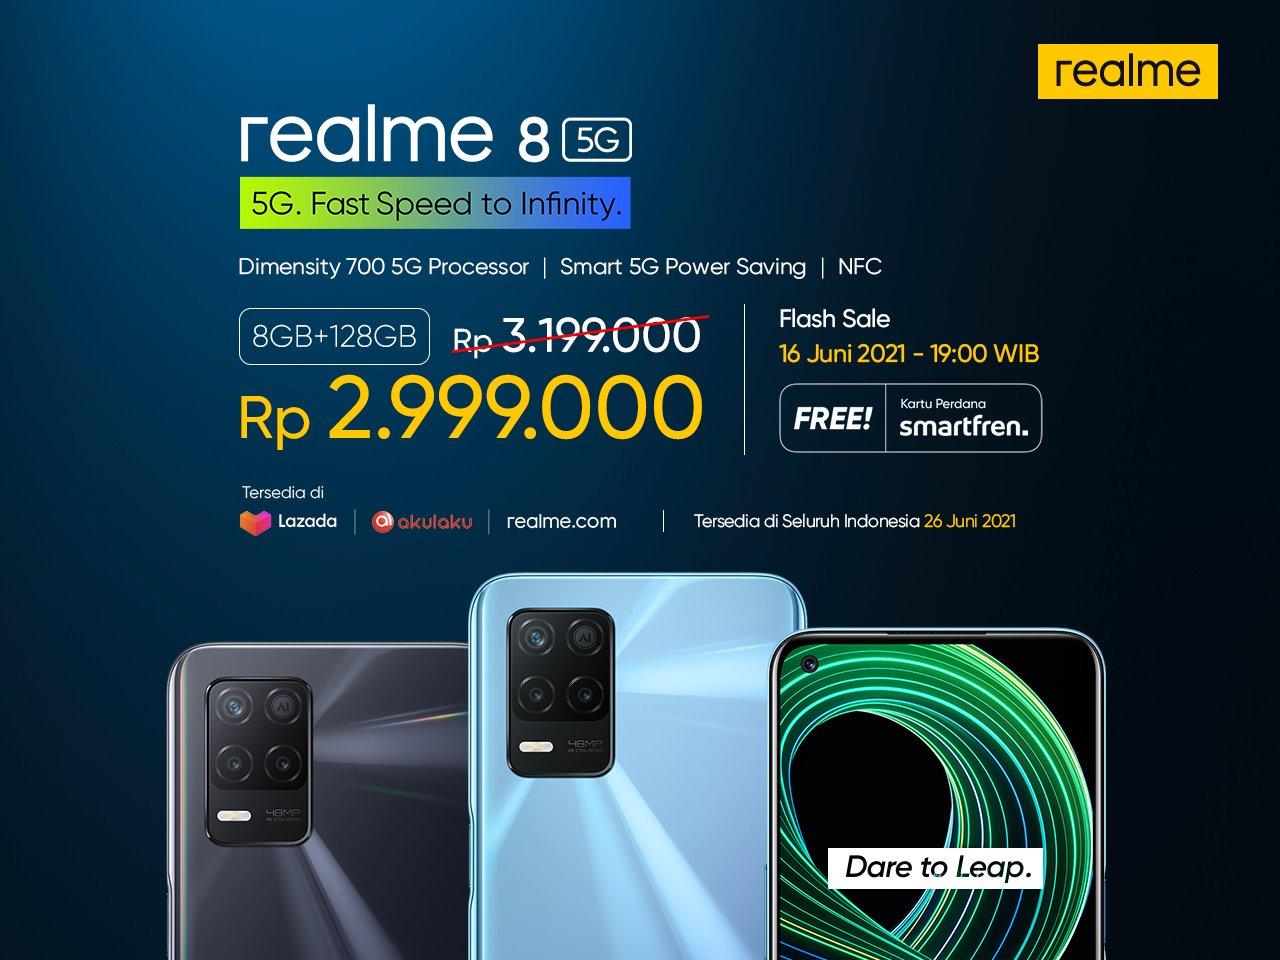 Sudah 5G! Fitur Realme 8 Menakjubkan, Harga Ramah Kantong